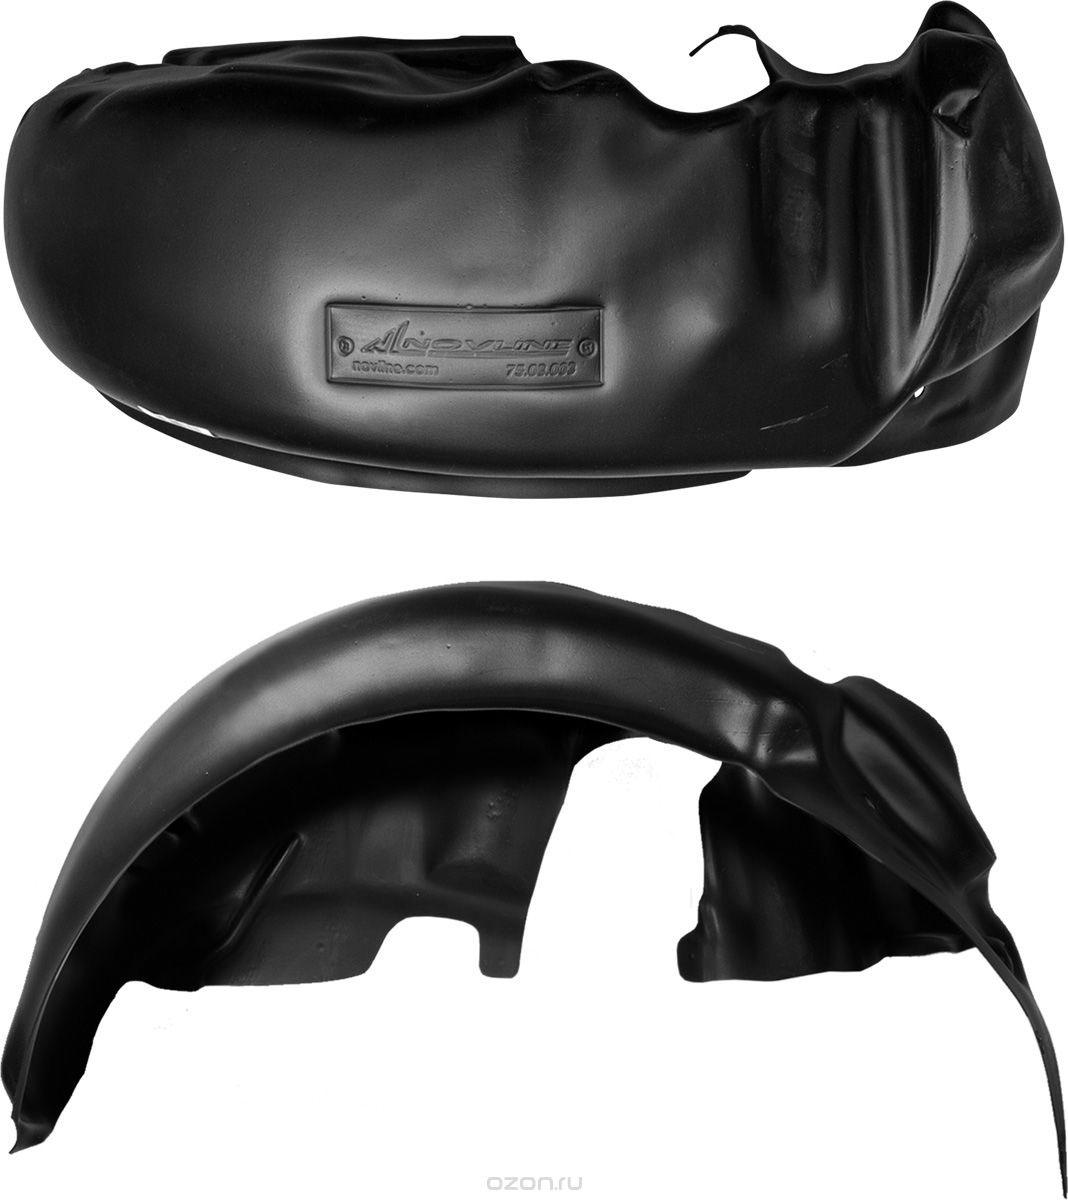 Подкрылок Novline-Autofamily, для ВАЗ 2106 1976-2001 , передний левый000311Идеальная защита колесной ниши. Локеры разработаны с применением цифровых технологий, гарантируют максимальную повторяемость поверхности арки. Изделия устанавливаются без нарушения лакокрасочного покрытия автомобиля, каждый подкрылок комплектуется крепежом. Уважаемые клиенты, обращаем ваше внимание, что фотографии на подкрылки универсальные и не отражают реальную форму изделия. При этом само изделие идет точно под размер указанного автомобиля.